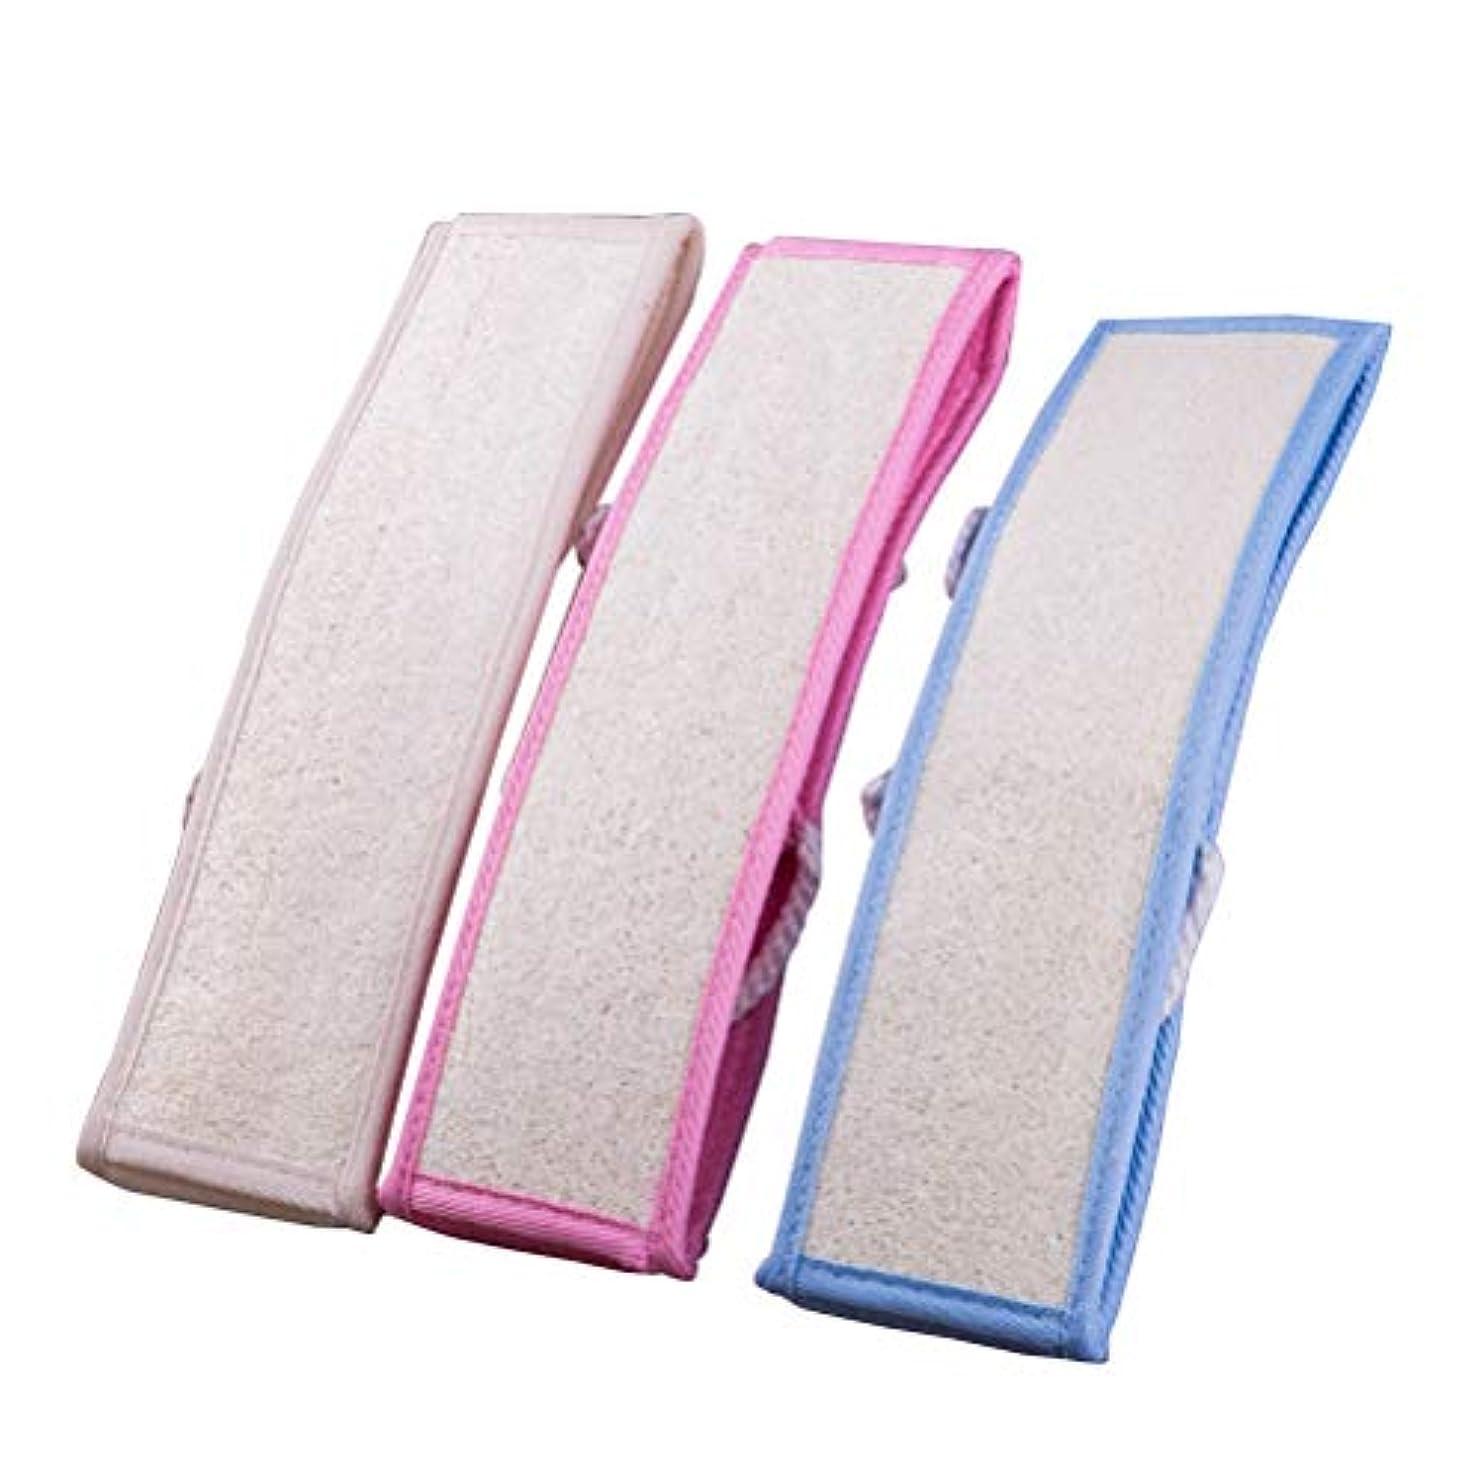 ウナギの慈悲で温室Healifty 3本のLoofahバックストラップ剥離バックスクラバーロングシャワーバスLoofah(青、ピンク、白各1個)